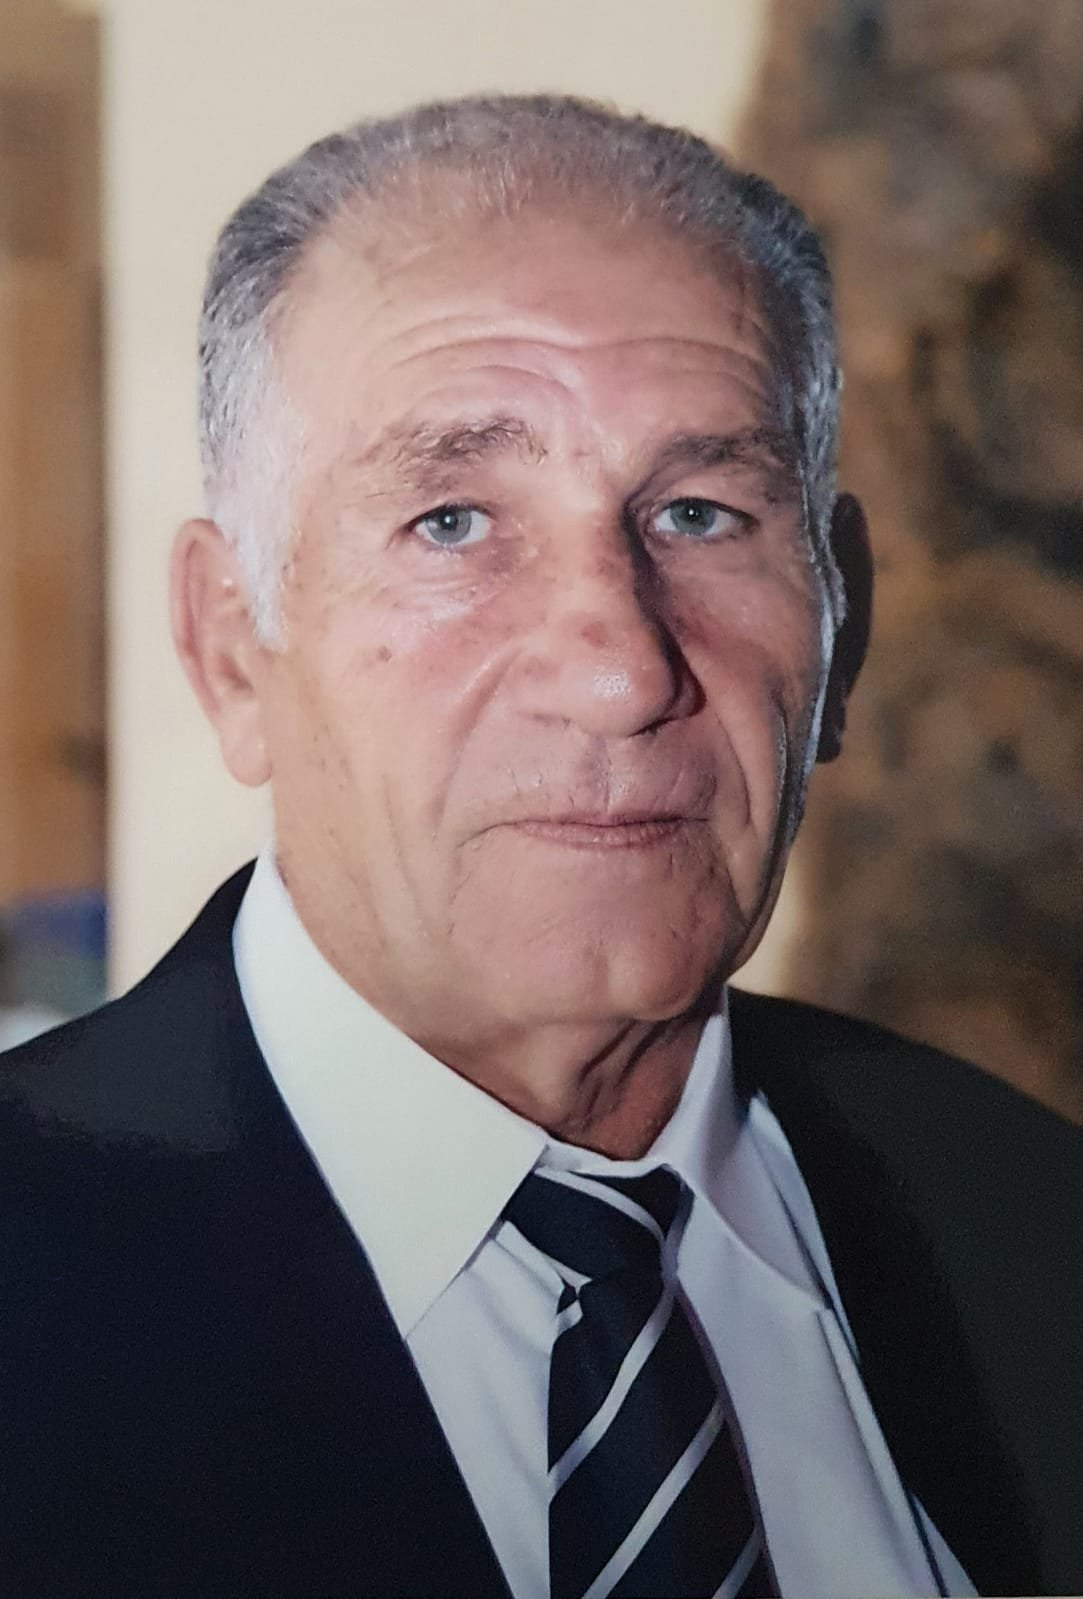 عيلبون: مصرع ابراهيم صليبا سرور (75 عامًا) اثر انقلاب تراكتور-0